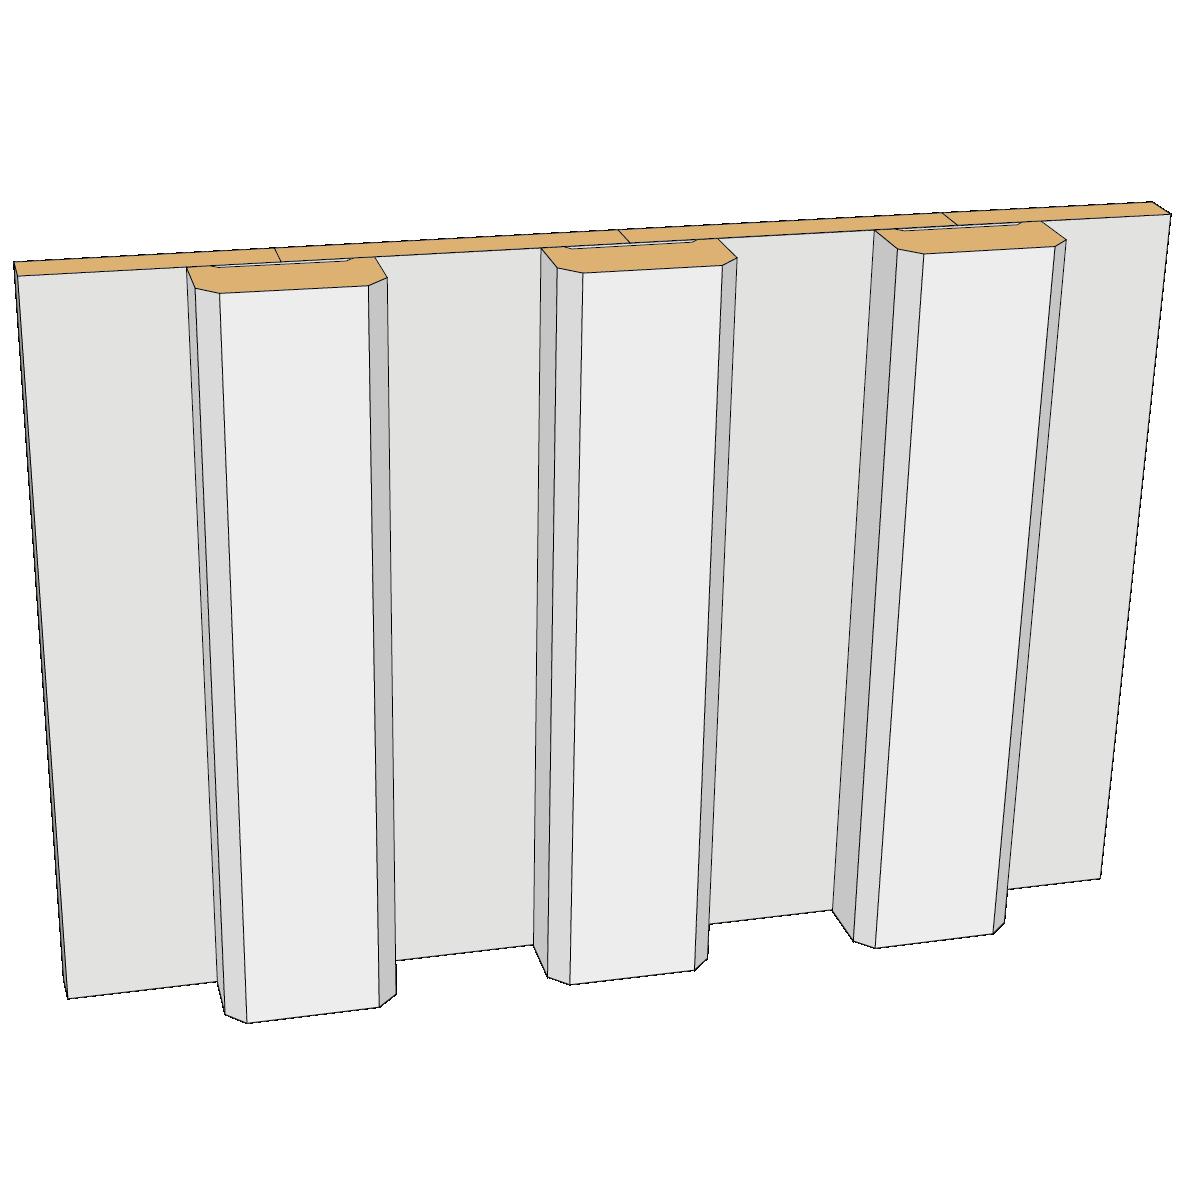 Lockläkt exempel Bygg & trä